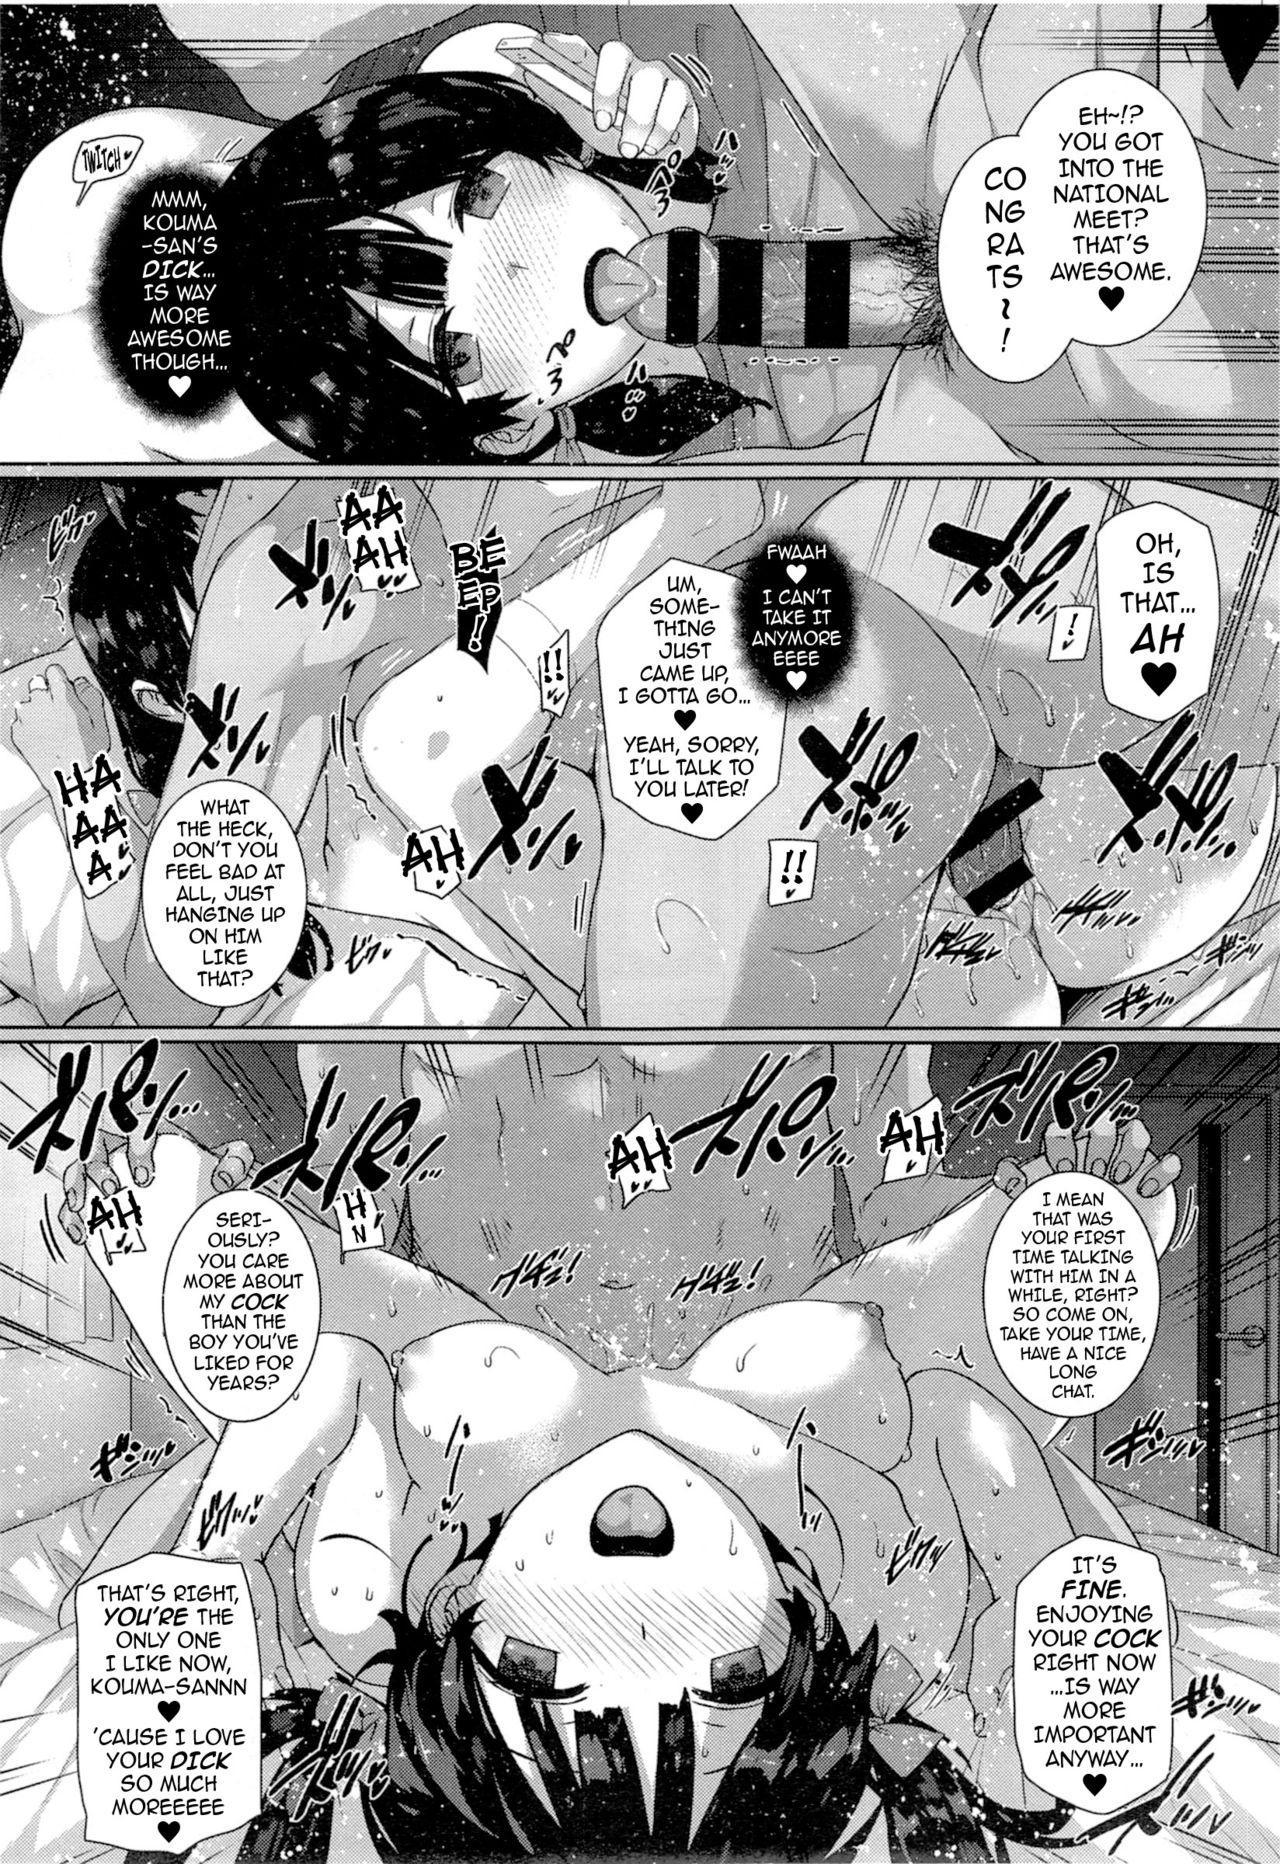 [Katsurai Yoshiaki] Amatsuka Gakuen no Ryoukan Seikatsu | Angel Academy's Hardcore Dorm Sex Life 1-2, 3.5-5 [English] {darknight} [Digital] 36